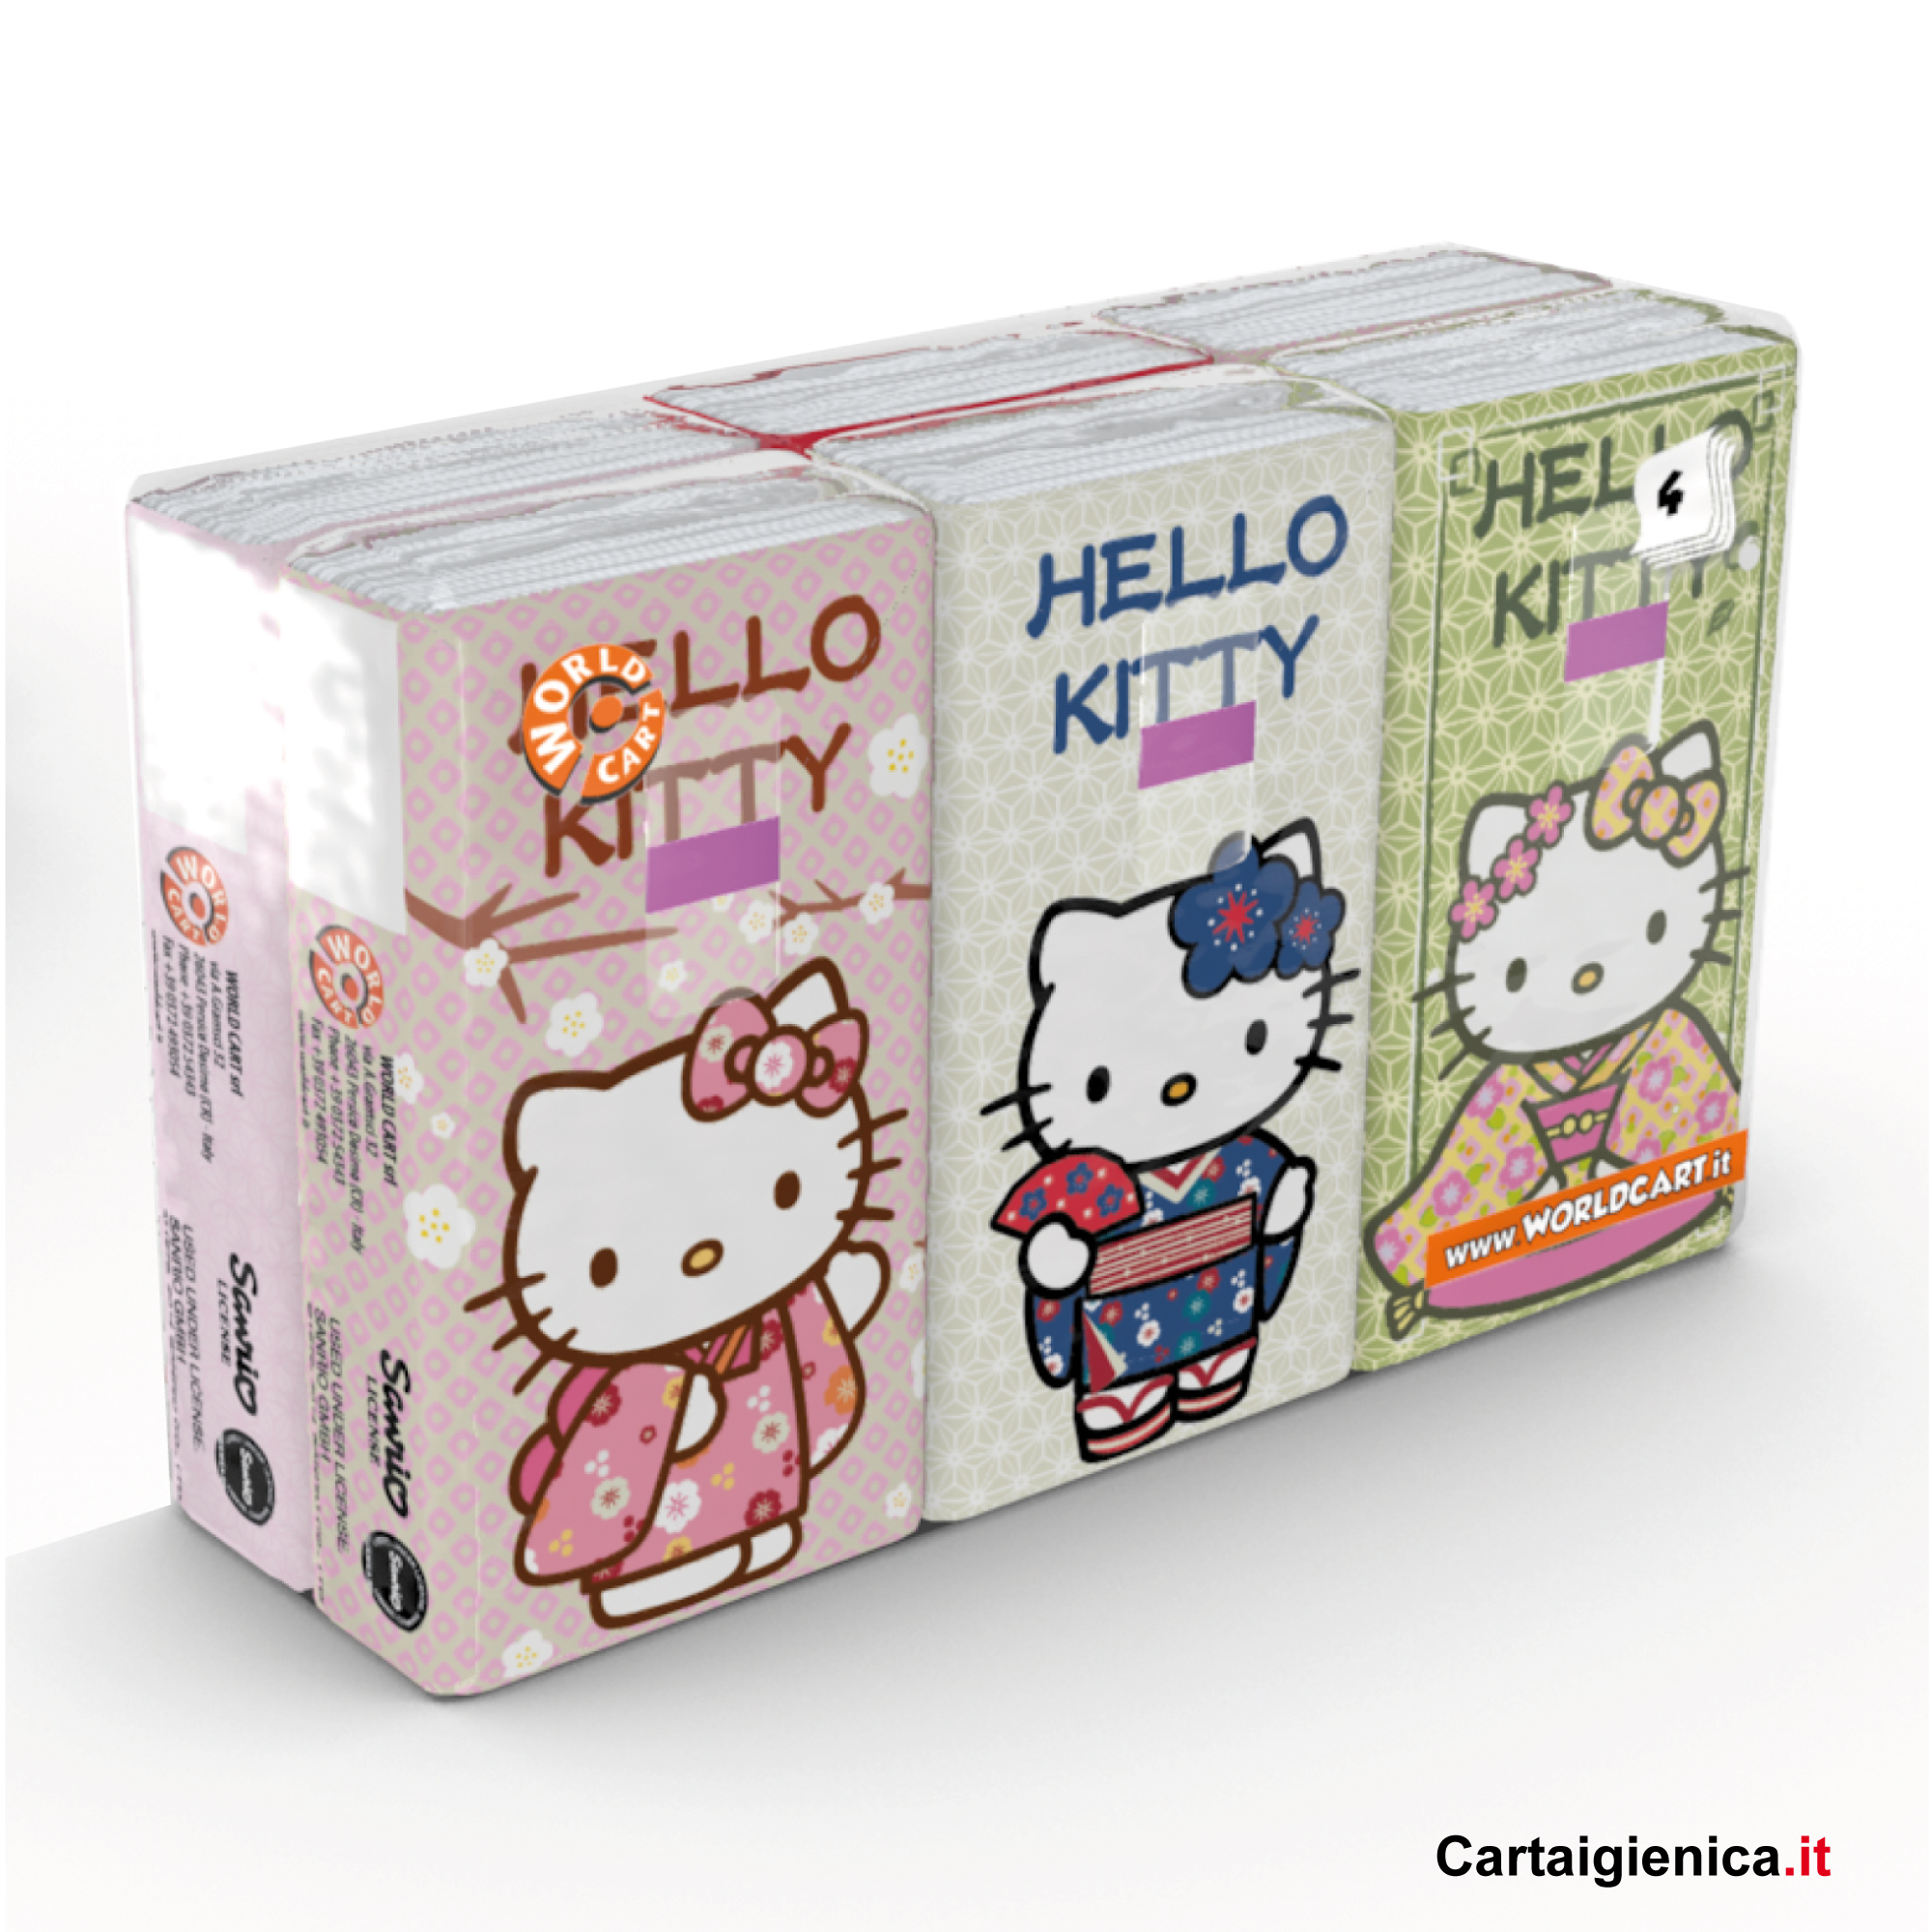 fazzoletti hello kitty kartika style bambini fazzoletti di carta colorati regalo